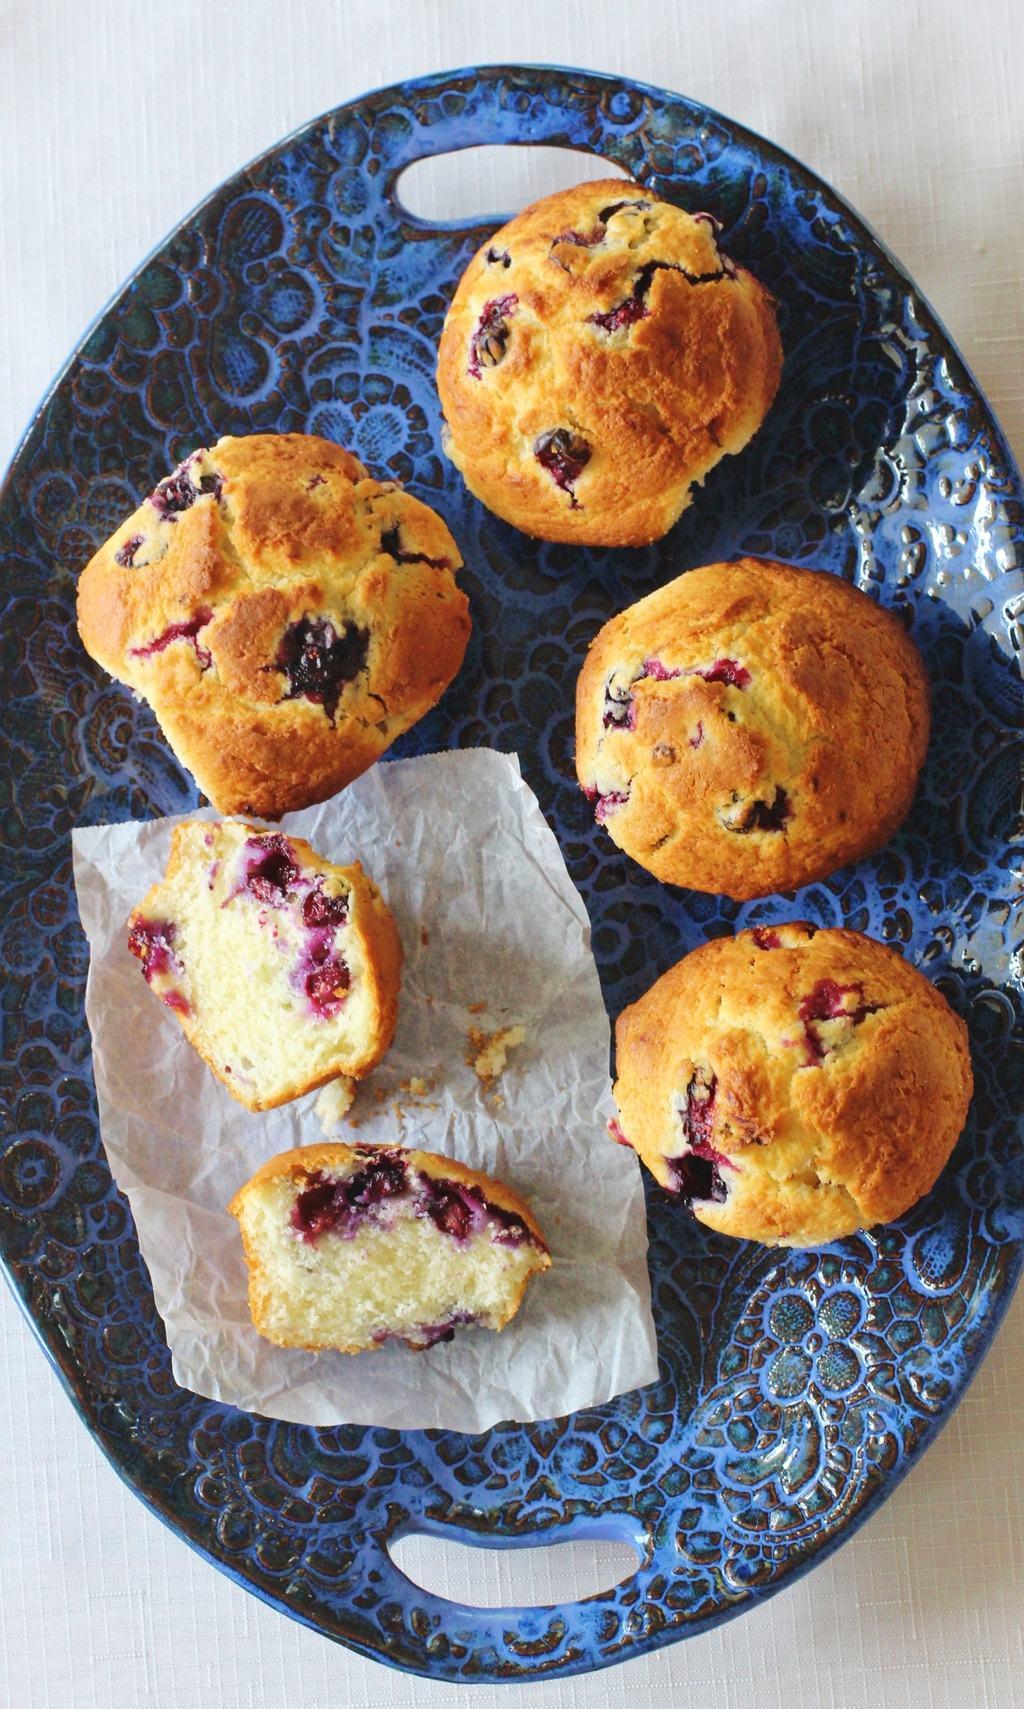 Blueberry Buttermilk Muffins